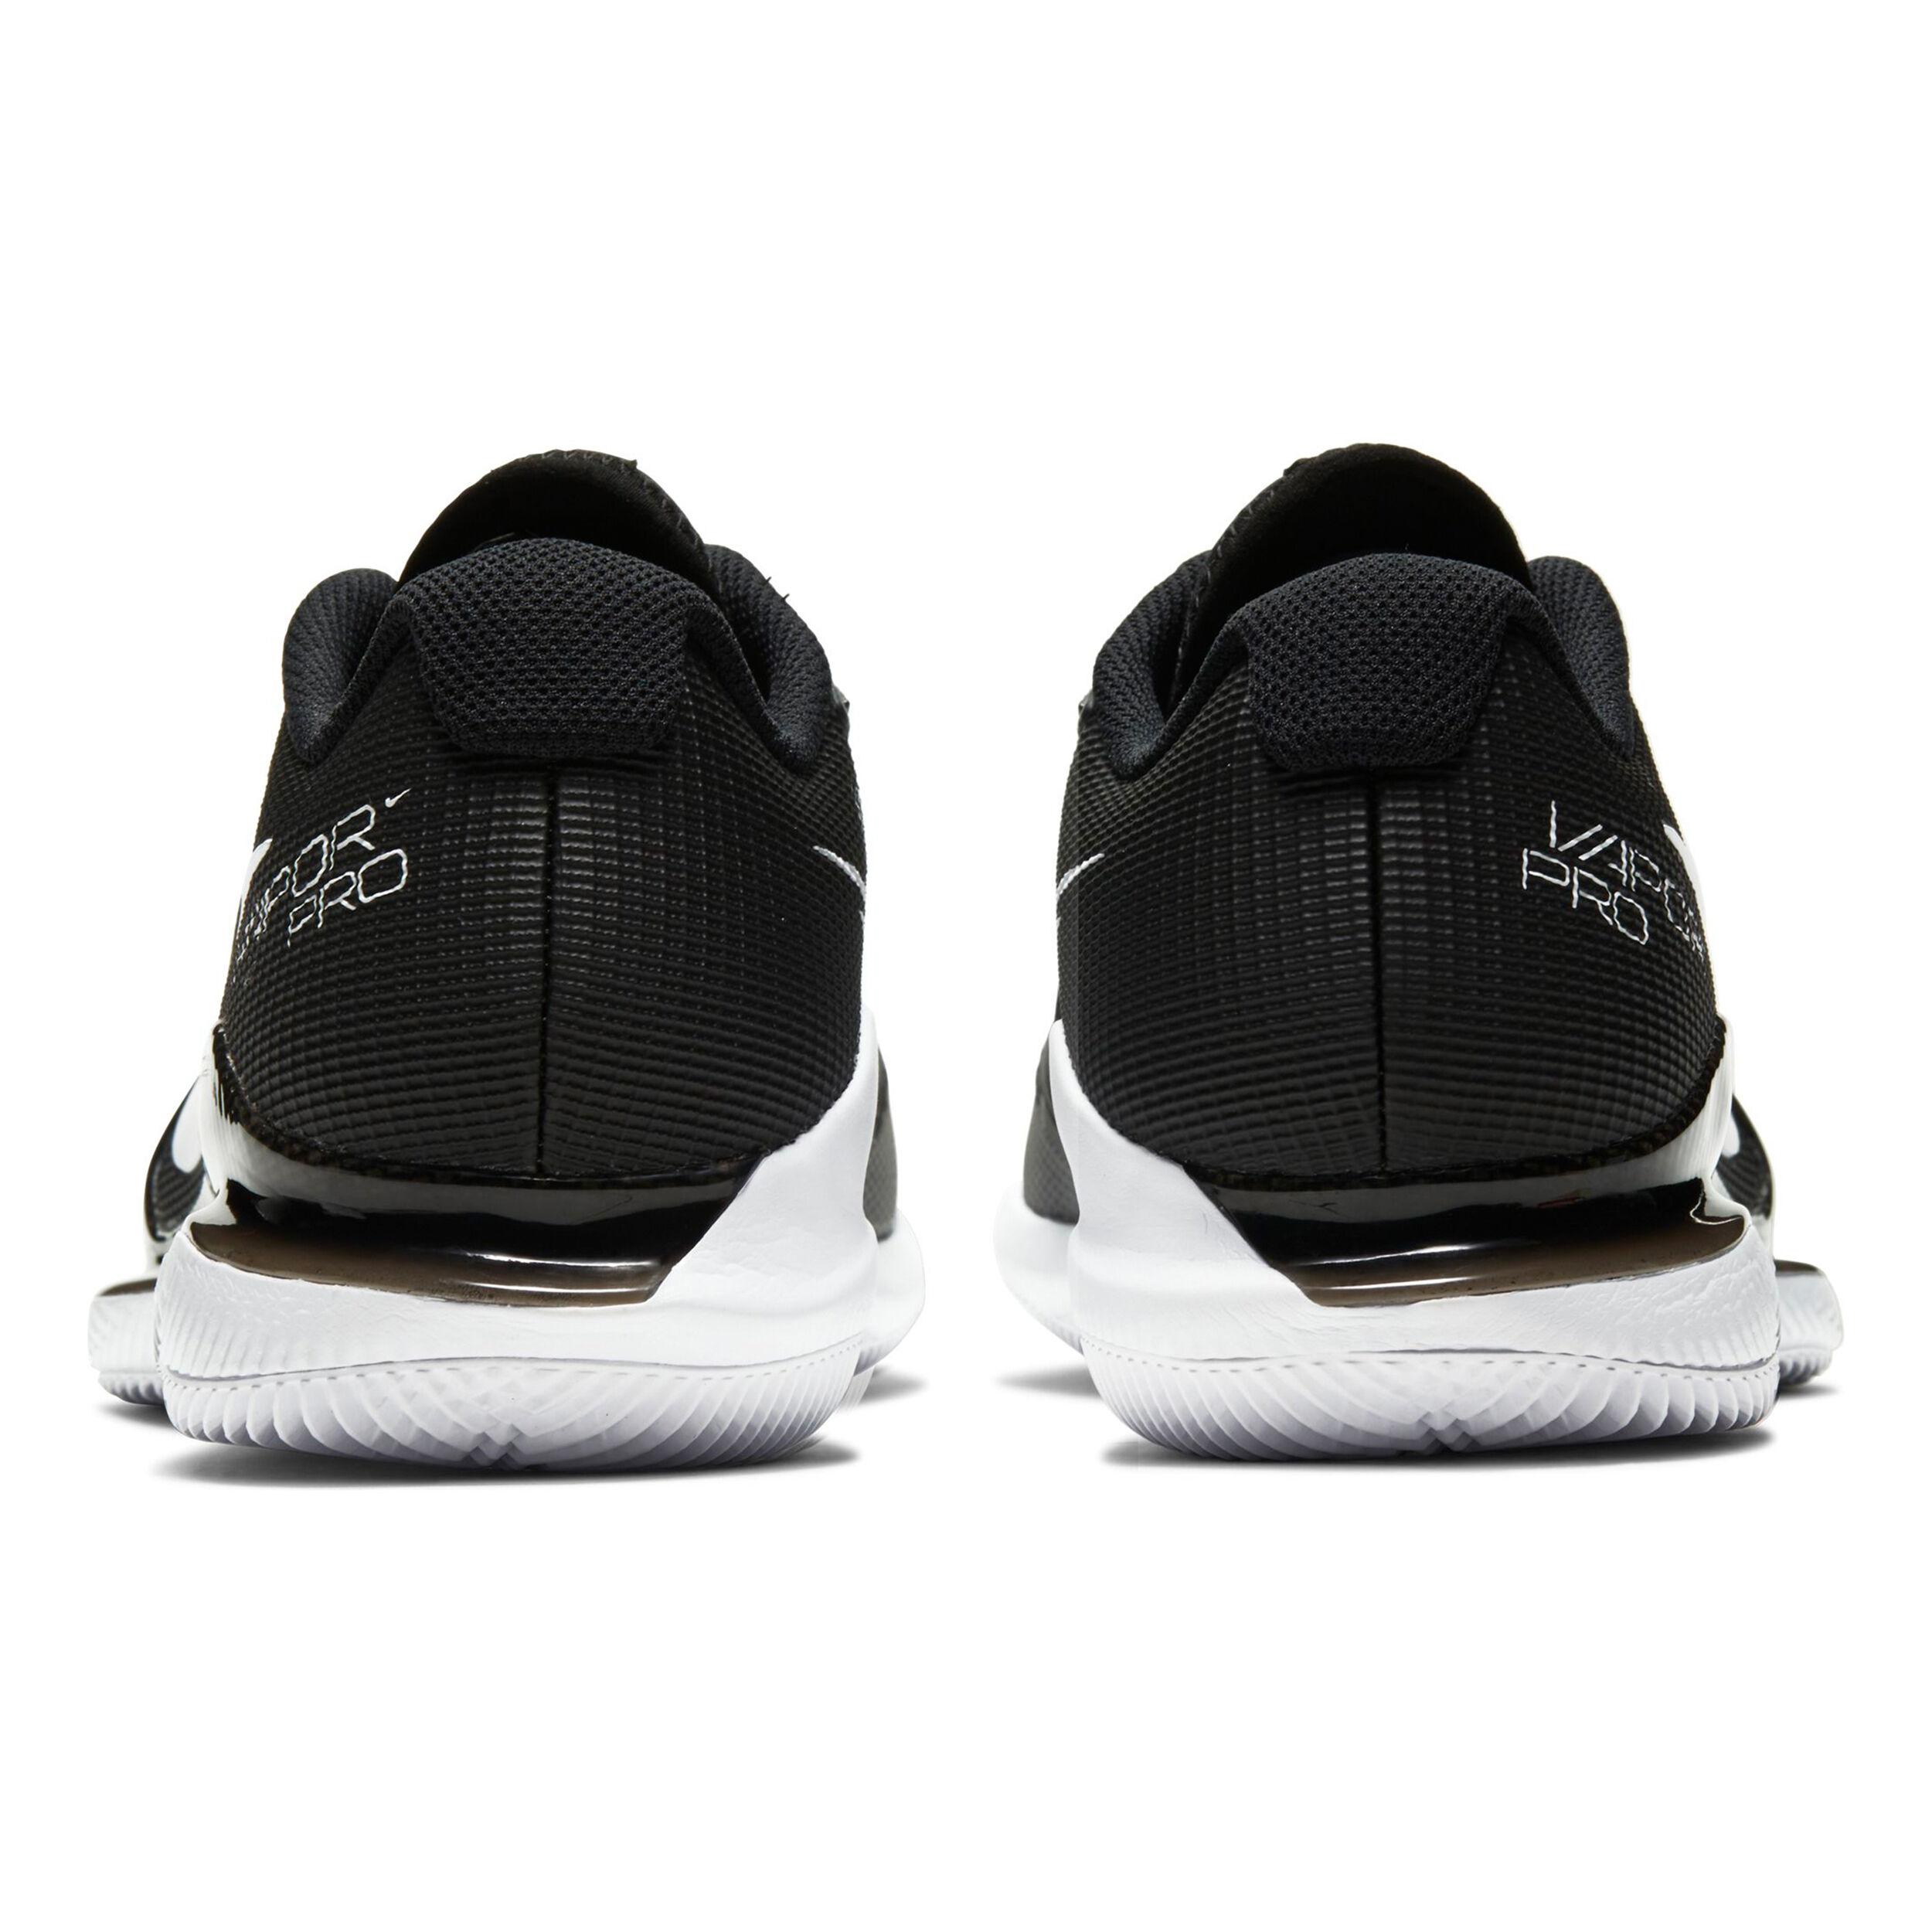 Nike Air Zoom Vapor Pro Chaussures Toutes Surfaces Hommes - Noir ...